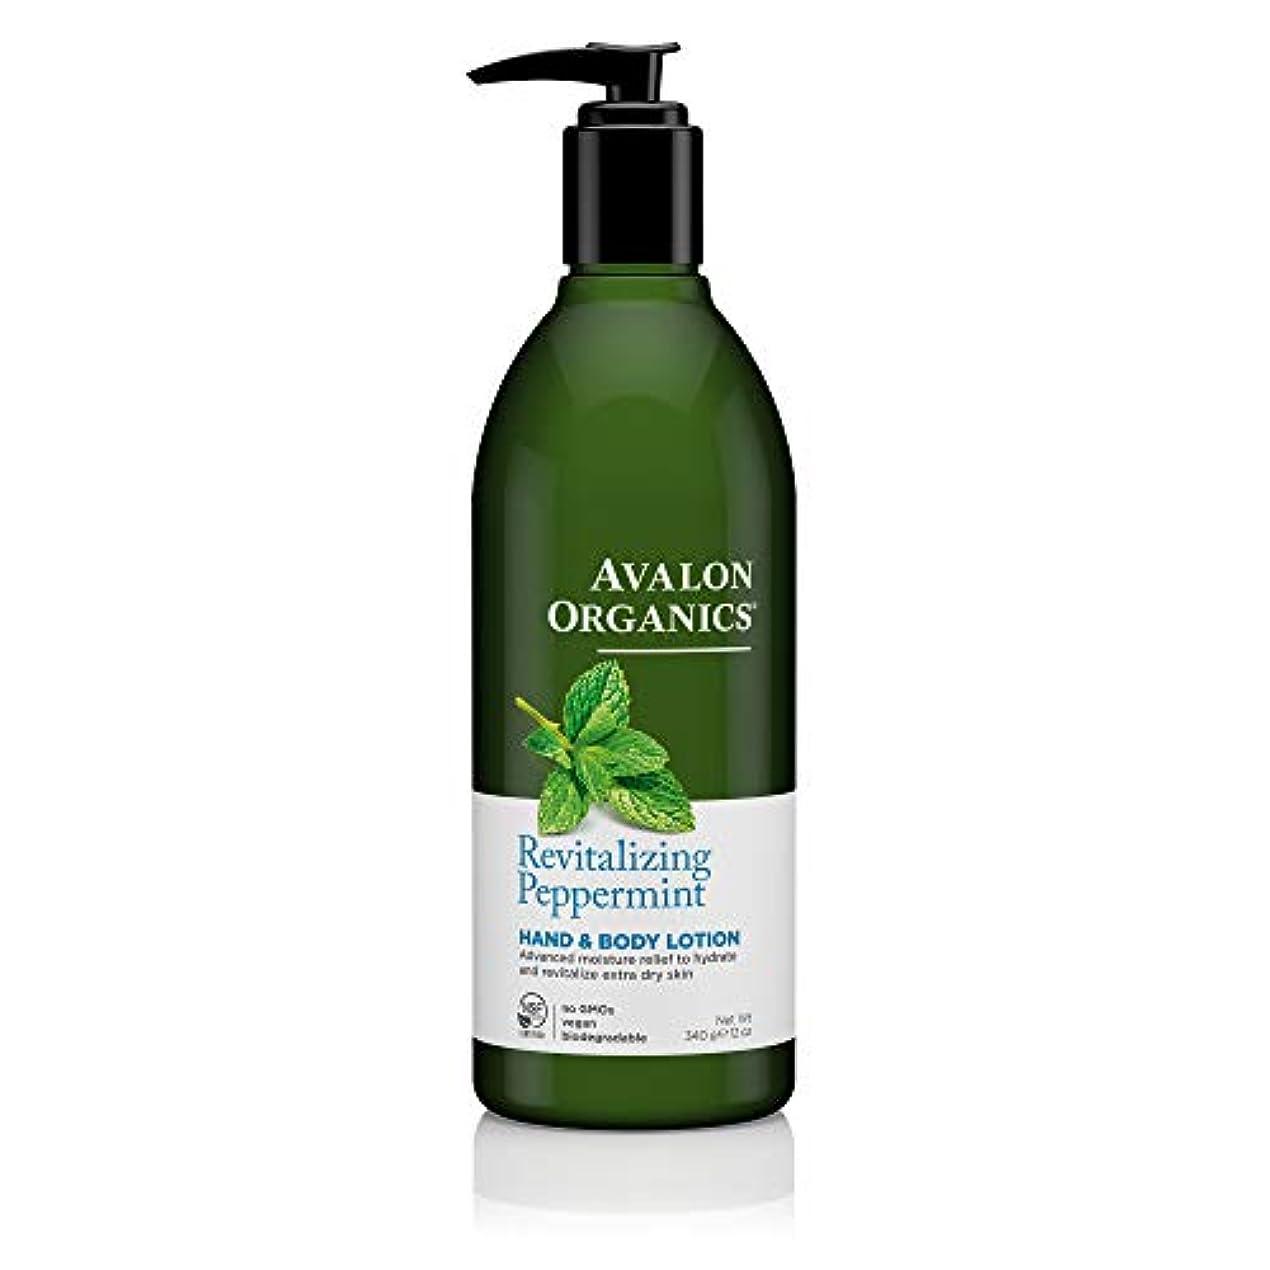 かかわらず乱れ薄めるAvalon Organics Peppermint Hand And Body Lotion, 12-Ounce Bottle (Pack of 2) by Avalon [並行輸入品]